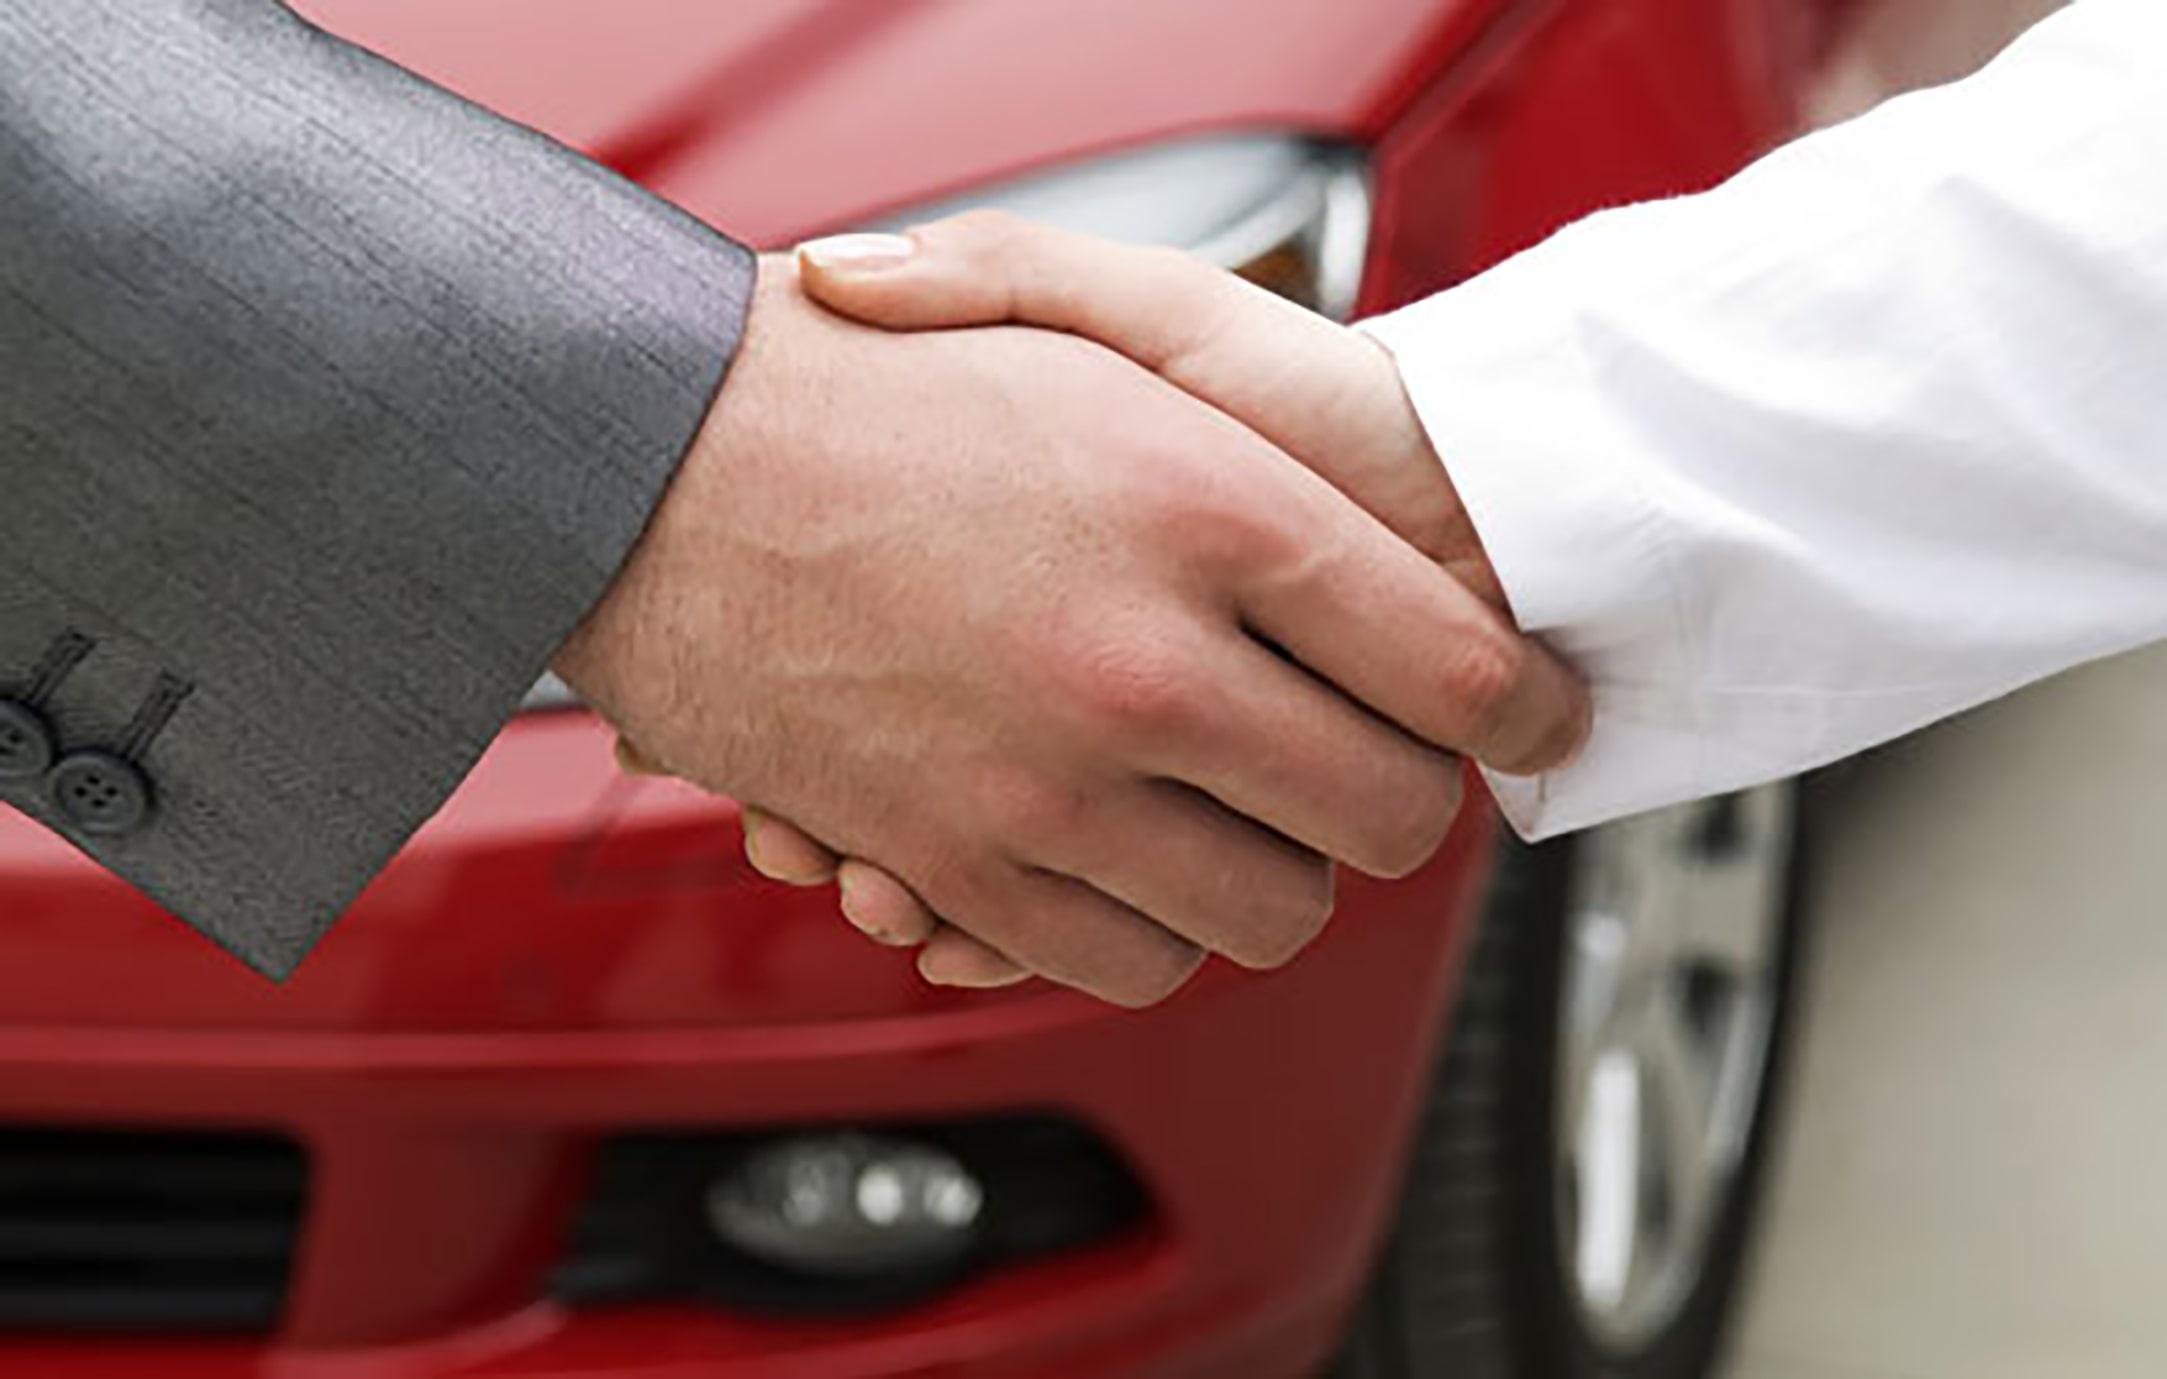 predaj vozidla, predaj auta, predaj ojazdeného auta, dohoda, potrasenie rúk, kompromis, predaj červeného auta